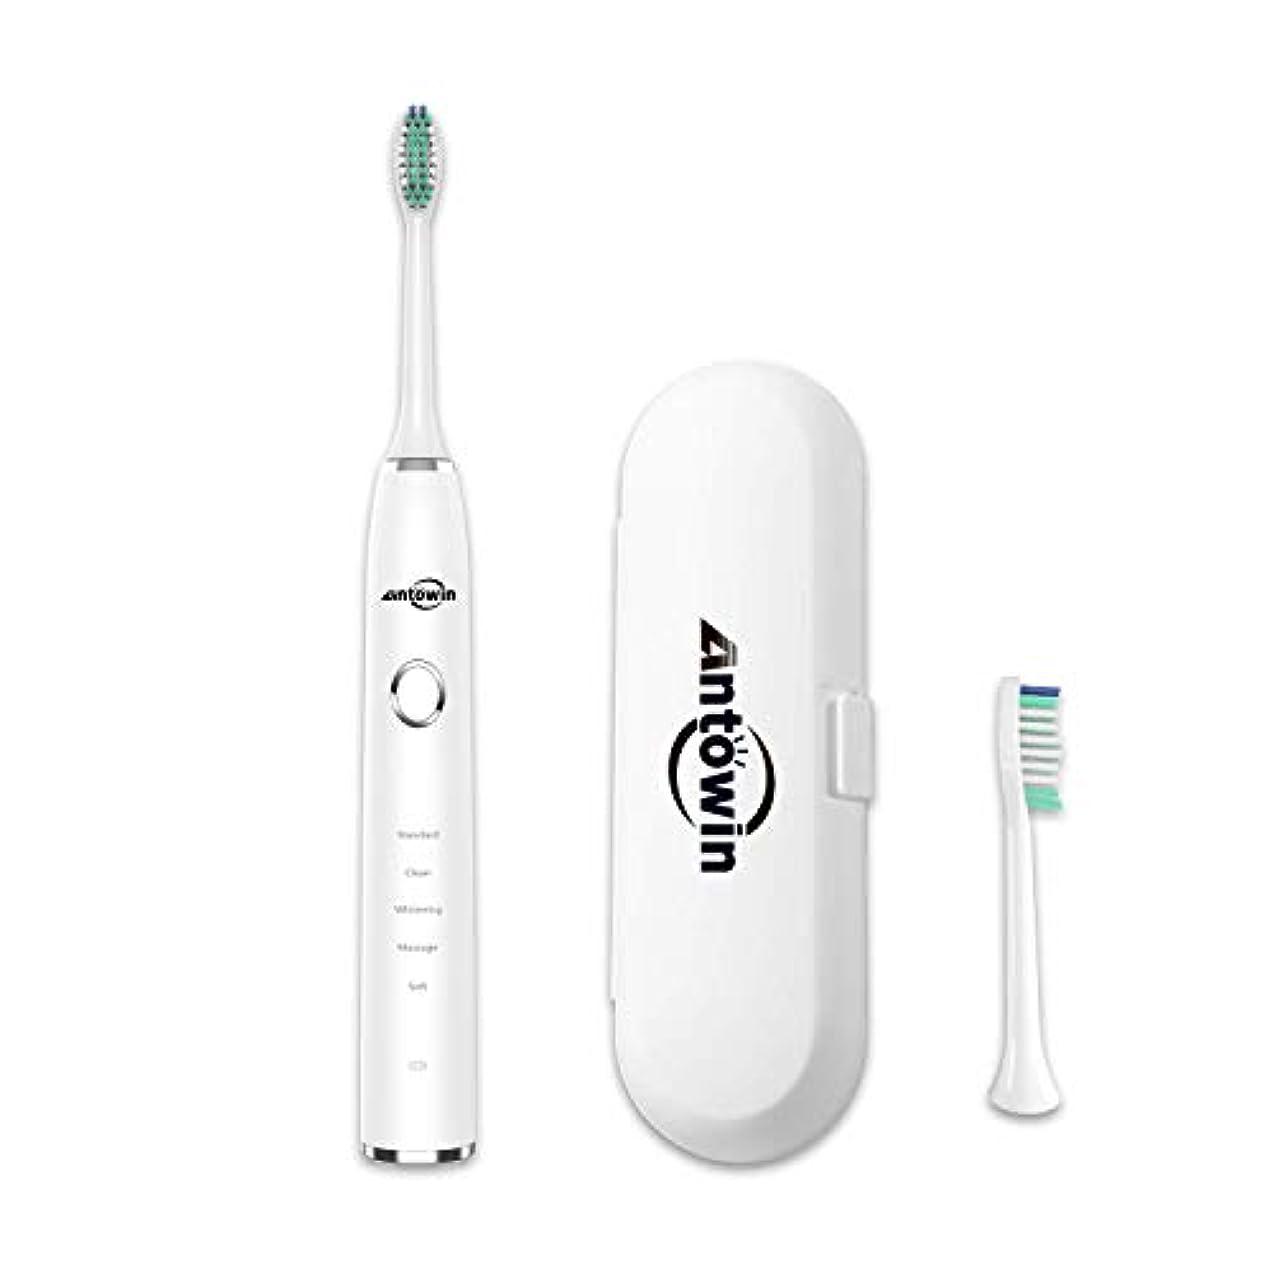 サーフィンバイソン詩人電動歯ブラシ antowin 5モード IPX8防水ボディ 替え歯ブラシ 2本付属 持ち運び 旅用 2分オートタイマー 歯磨き 小型ケース付属 H9 ホワイト